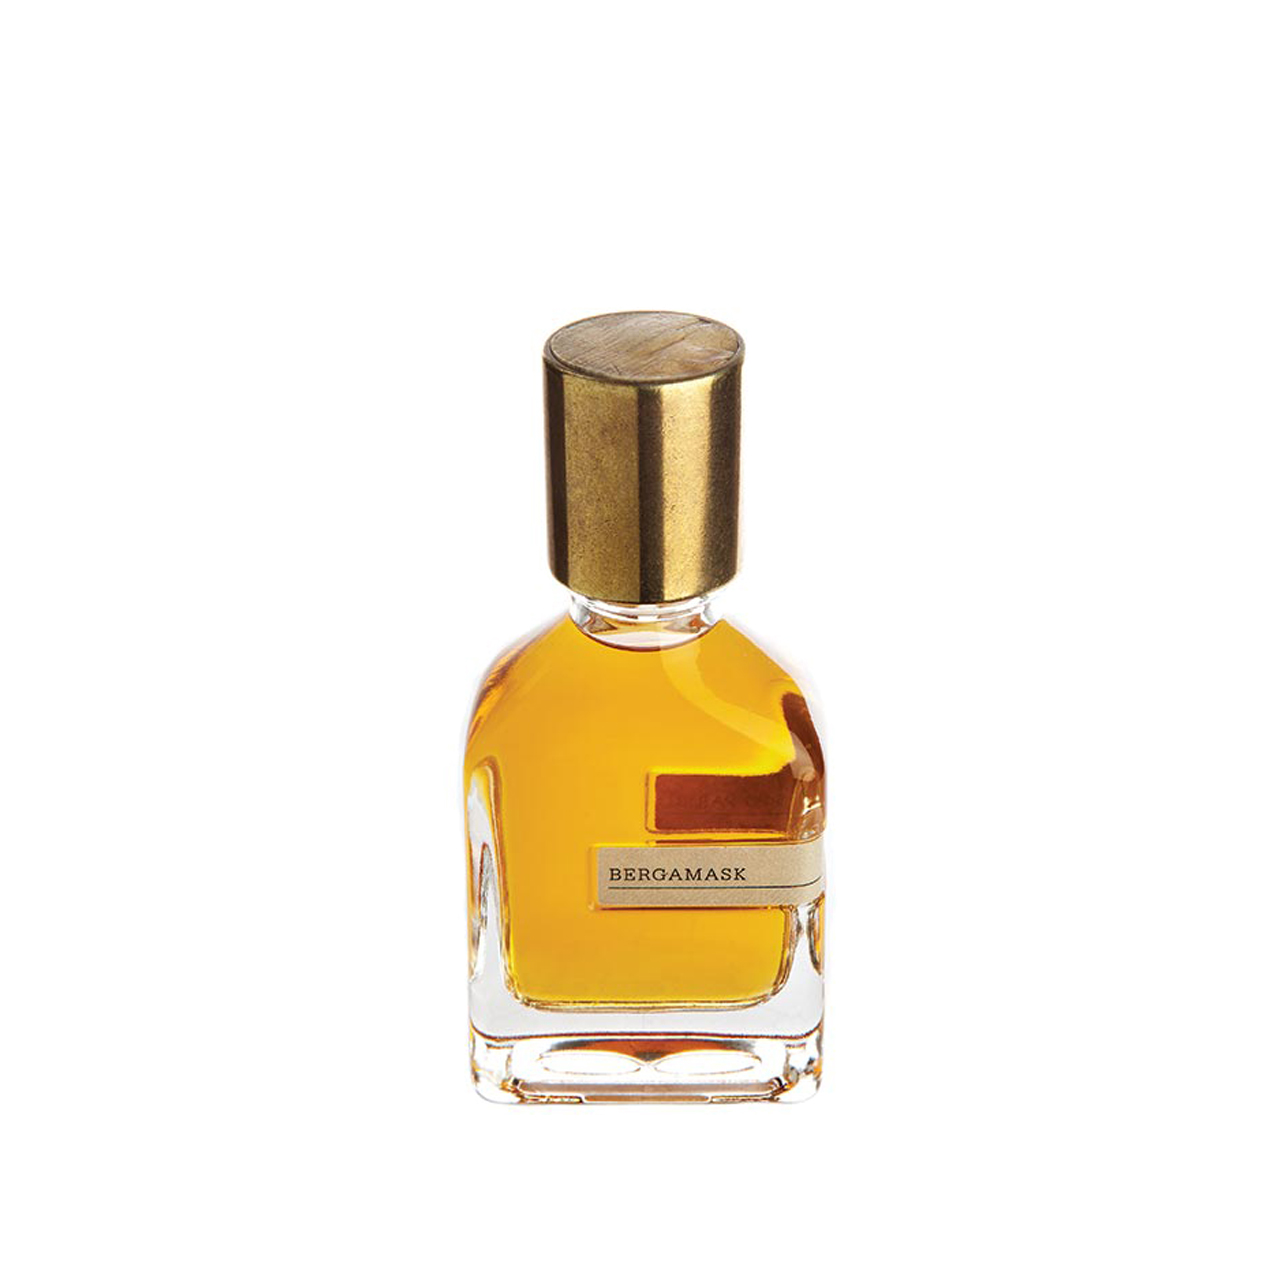 Bergamask - Eau de Parfum